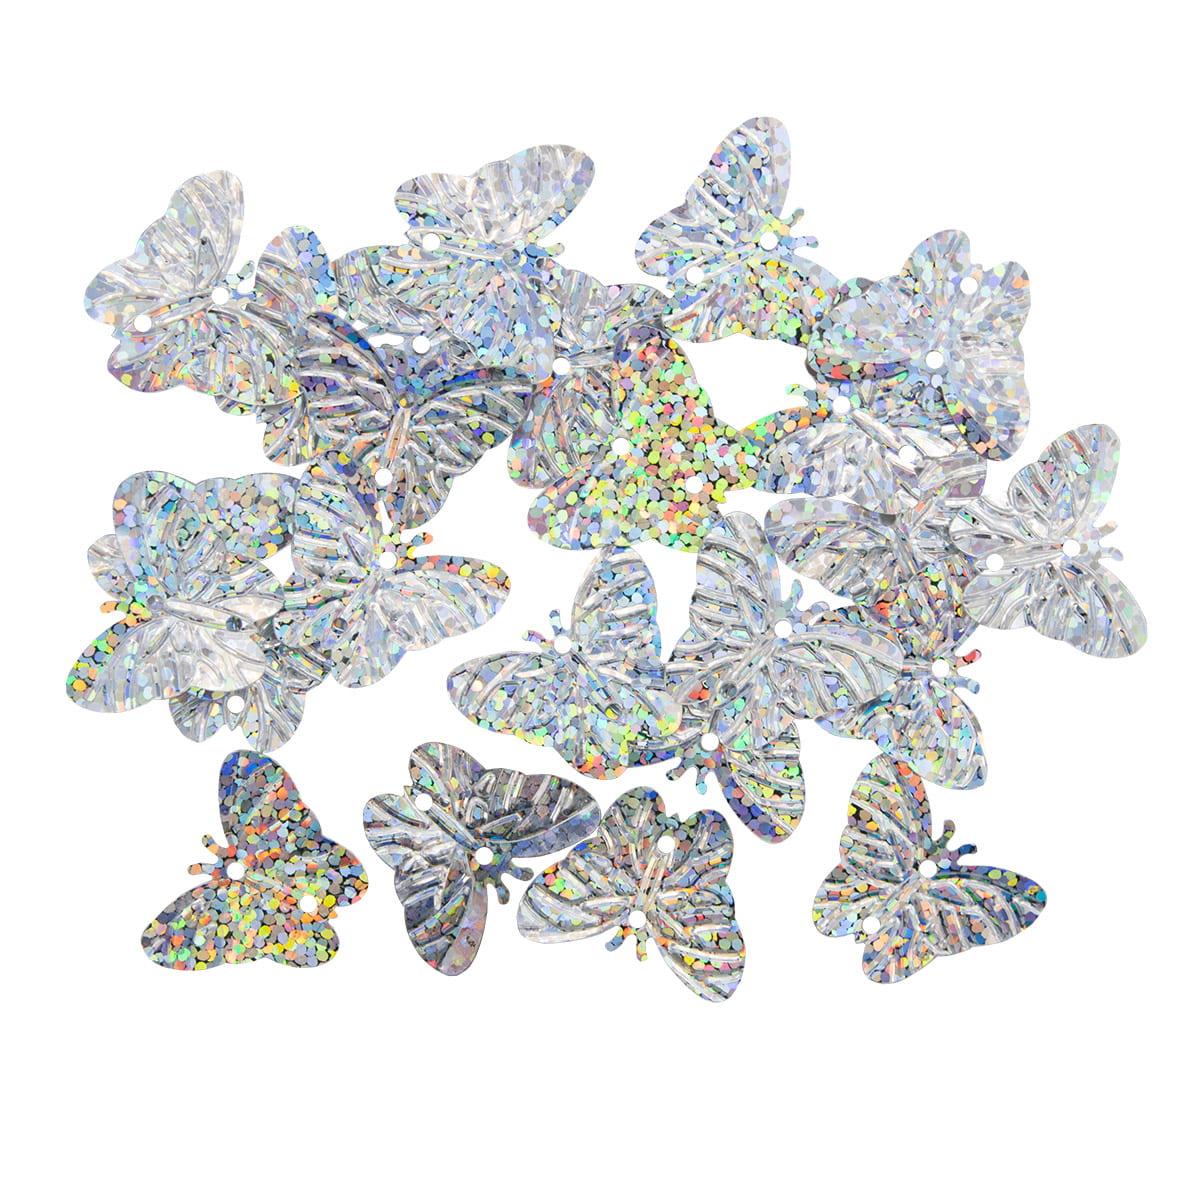 Пайетки 'бабочки', 18*23 мм, упак./10 гр., 'Астра' (50112 серебро голограмма) фото